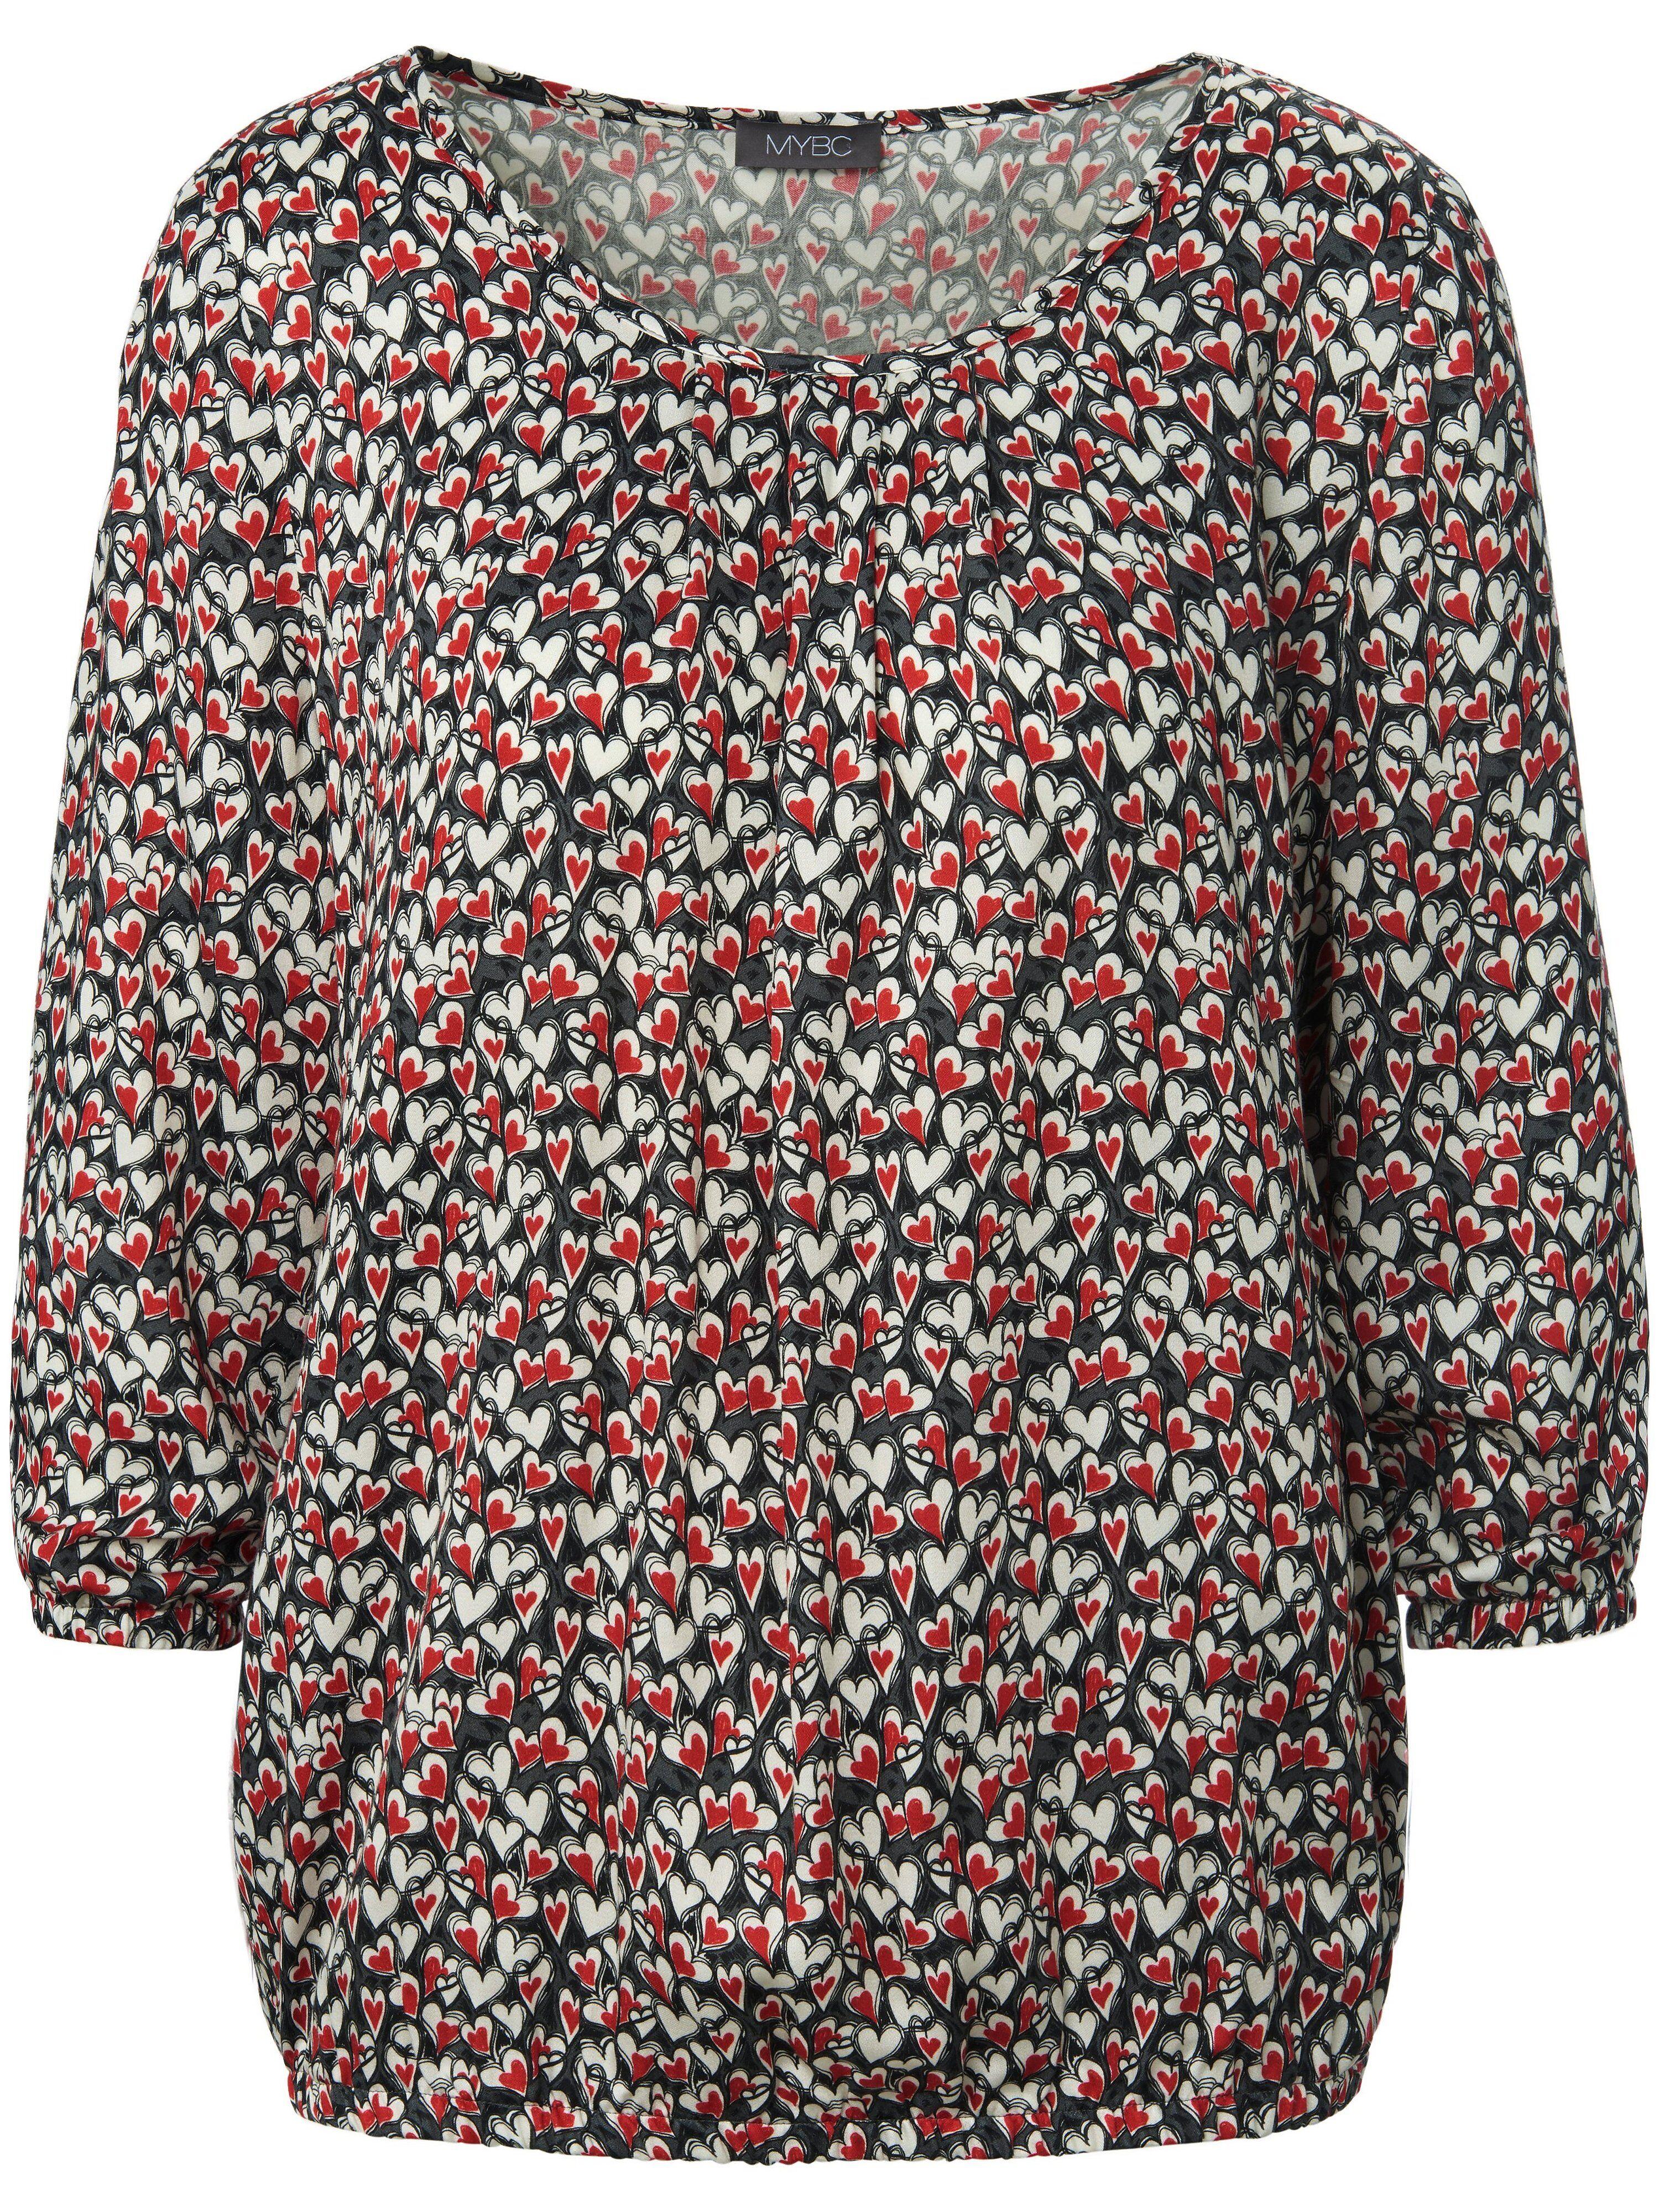 MYBC La blouse manches 3/4  MYBC beige  - Femme - 38